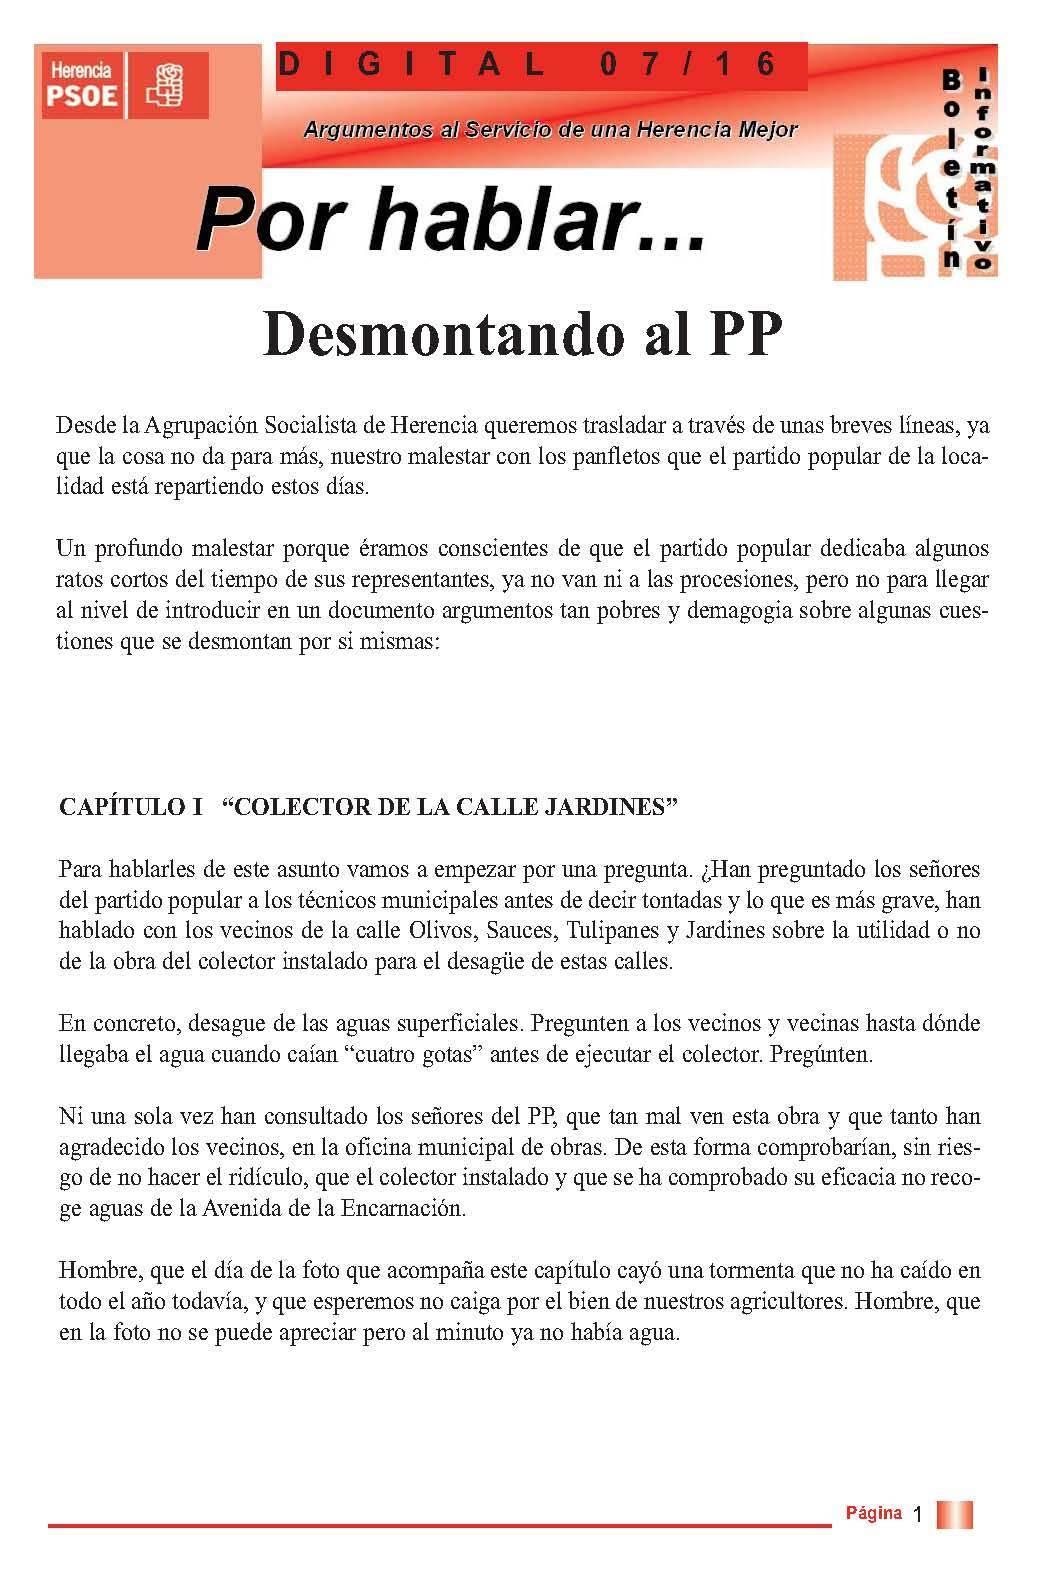 boletin informatico psoe herencia - desmontando al pp 1